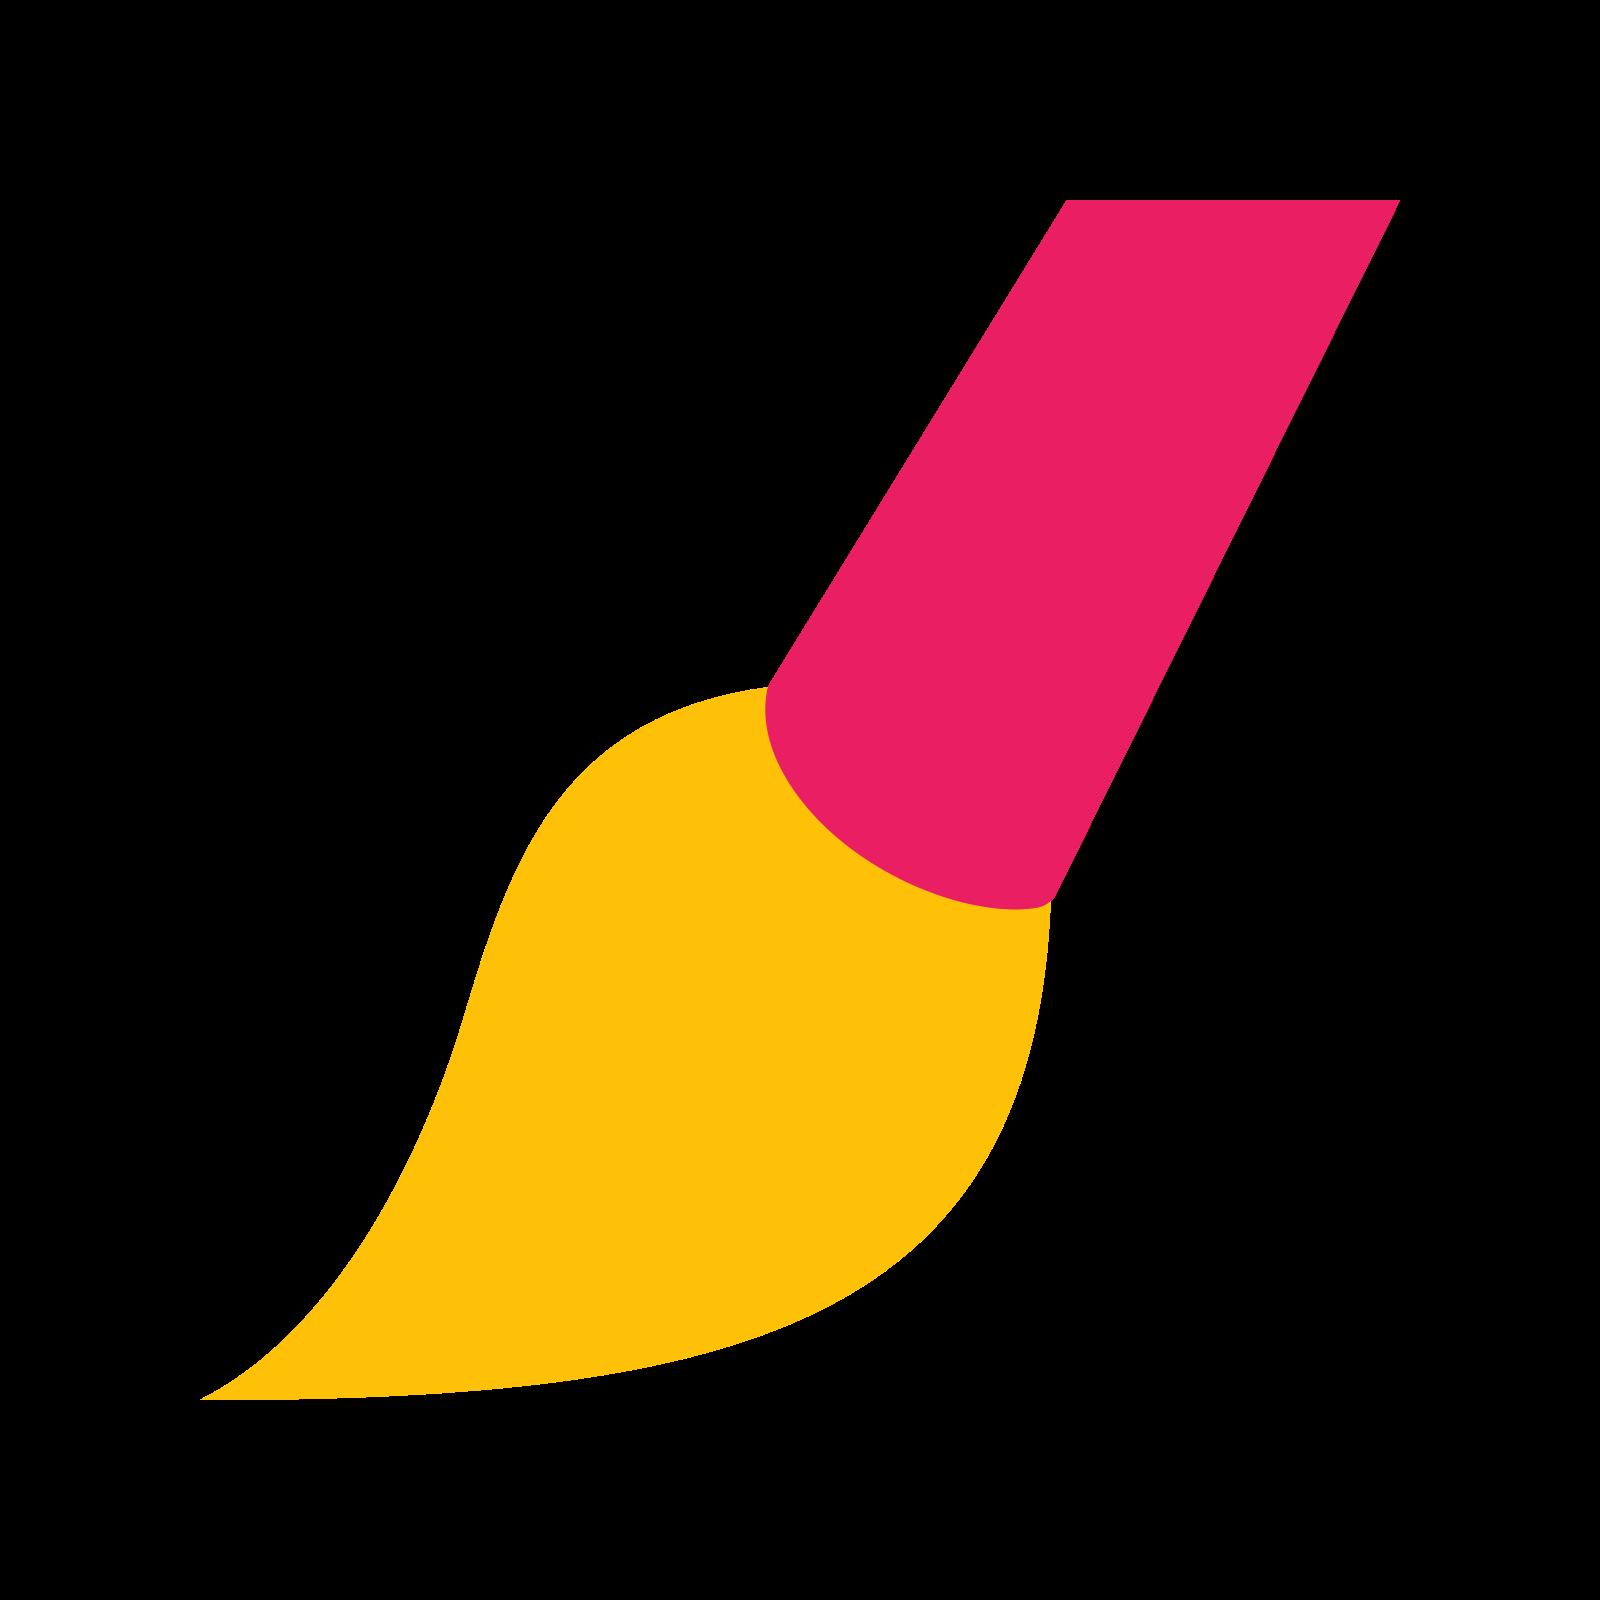 ブラシ icon